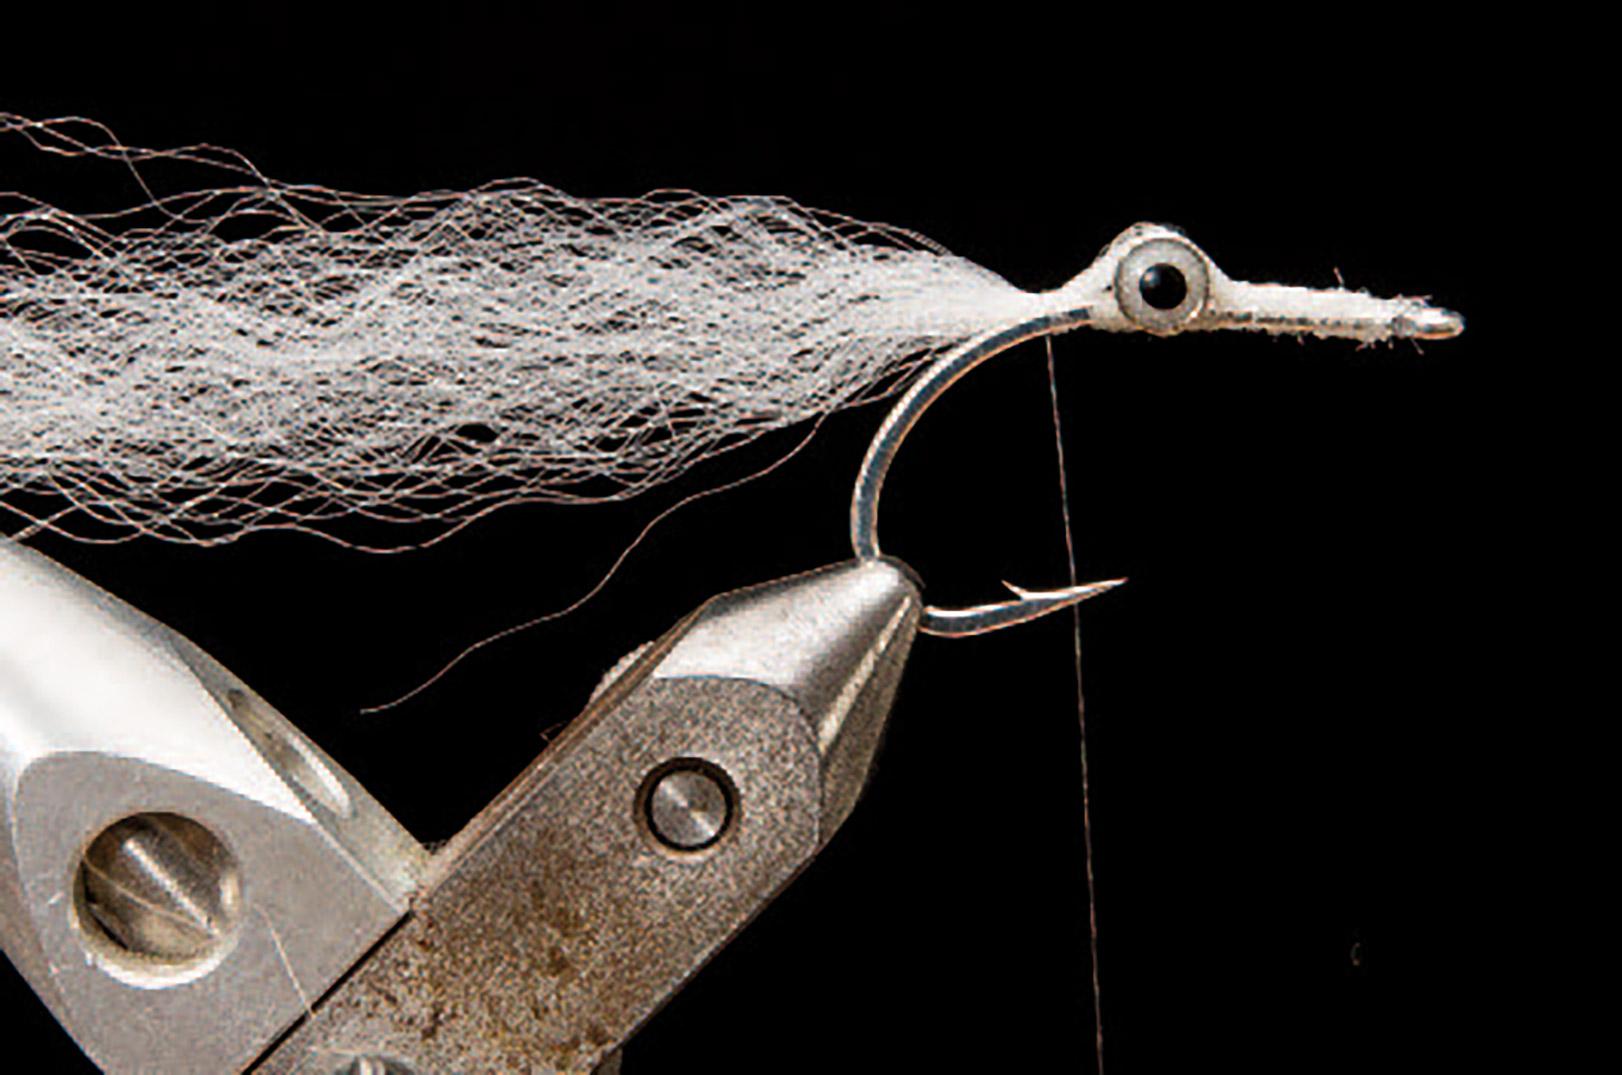 3: Få bindetråden om bag øjnene og bind vingen fast på oversiden af krogen med et par tørn bindetråd.